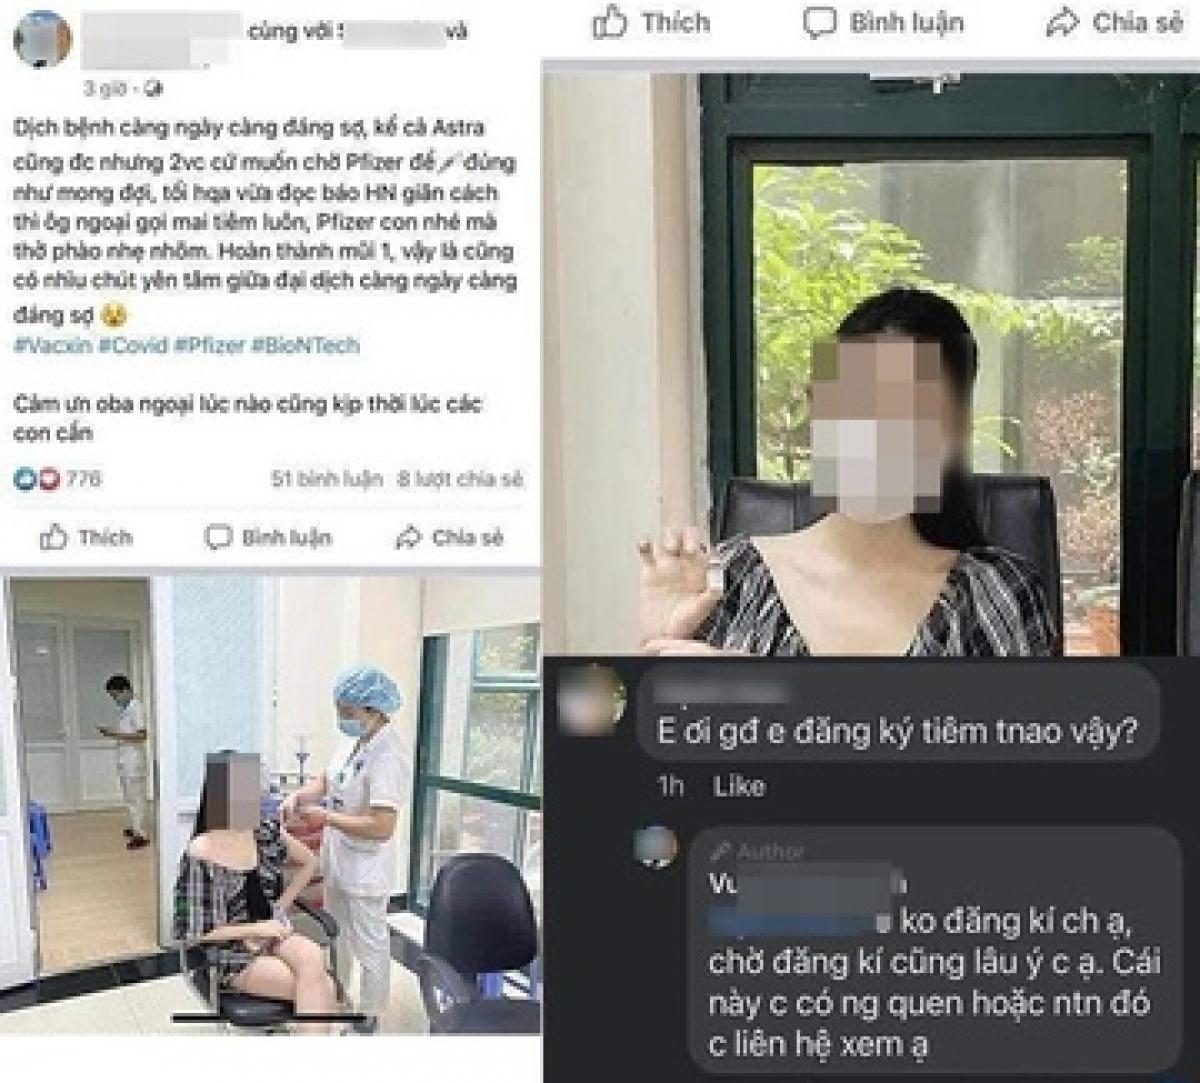 Bài viết của V.P.A. gây bức xúc trên mạng xã hội. Ảnh chụp màn hình.